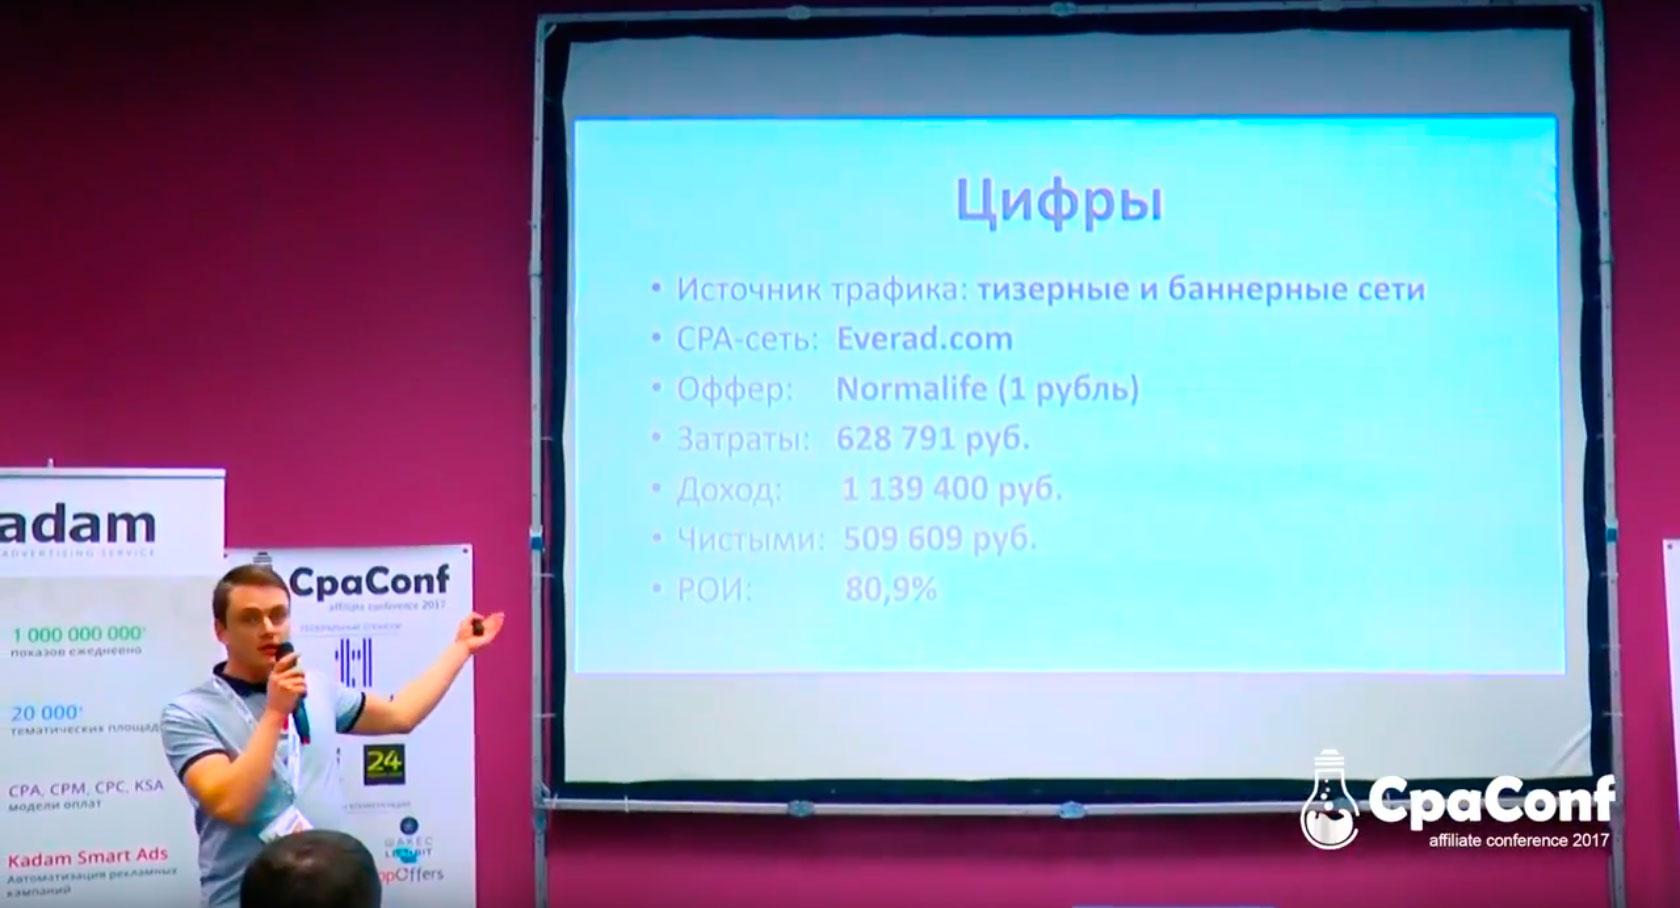 Вся правда об 1-рублёвых офферах